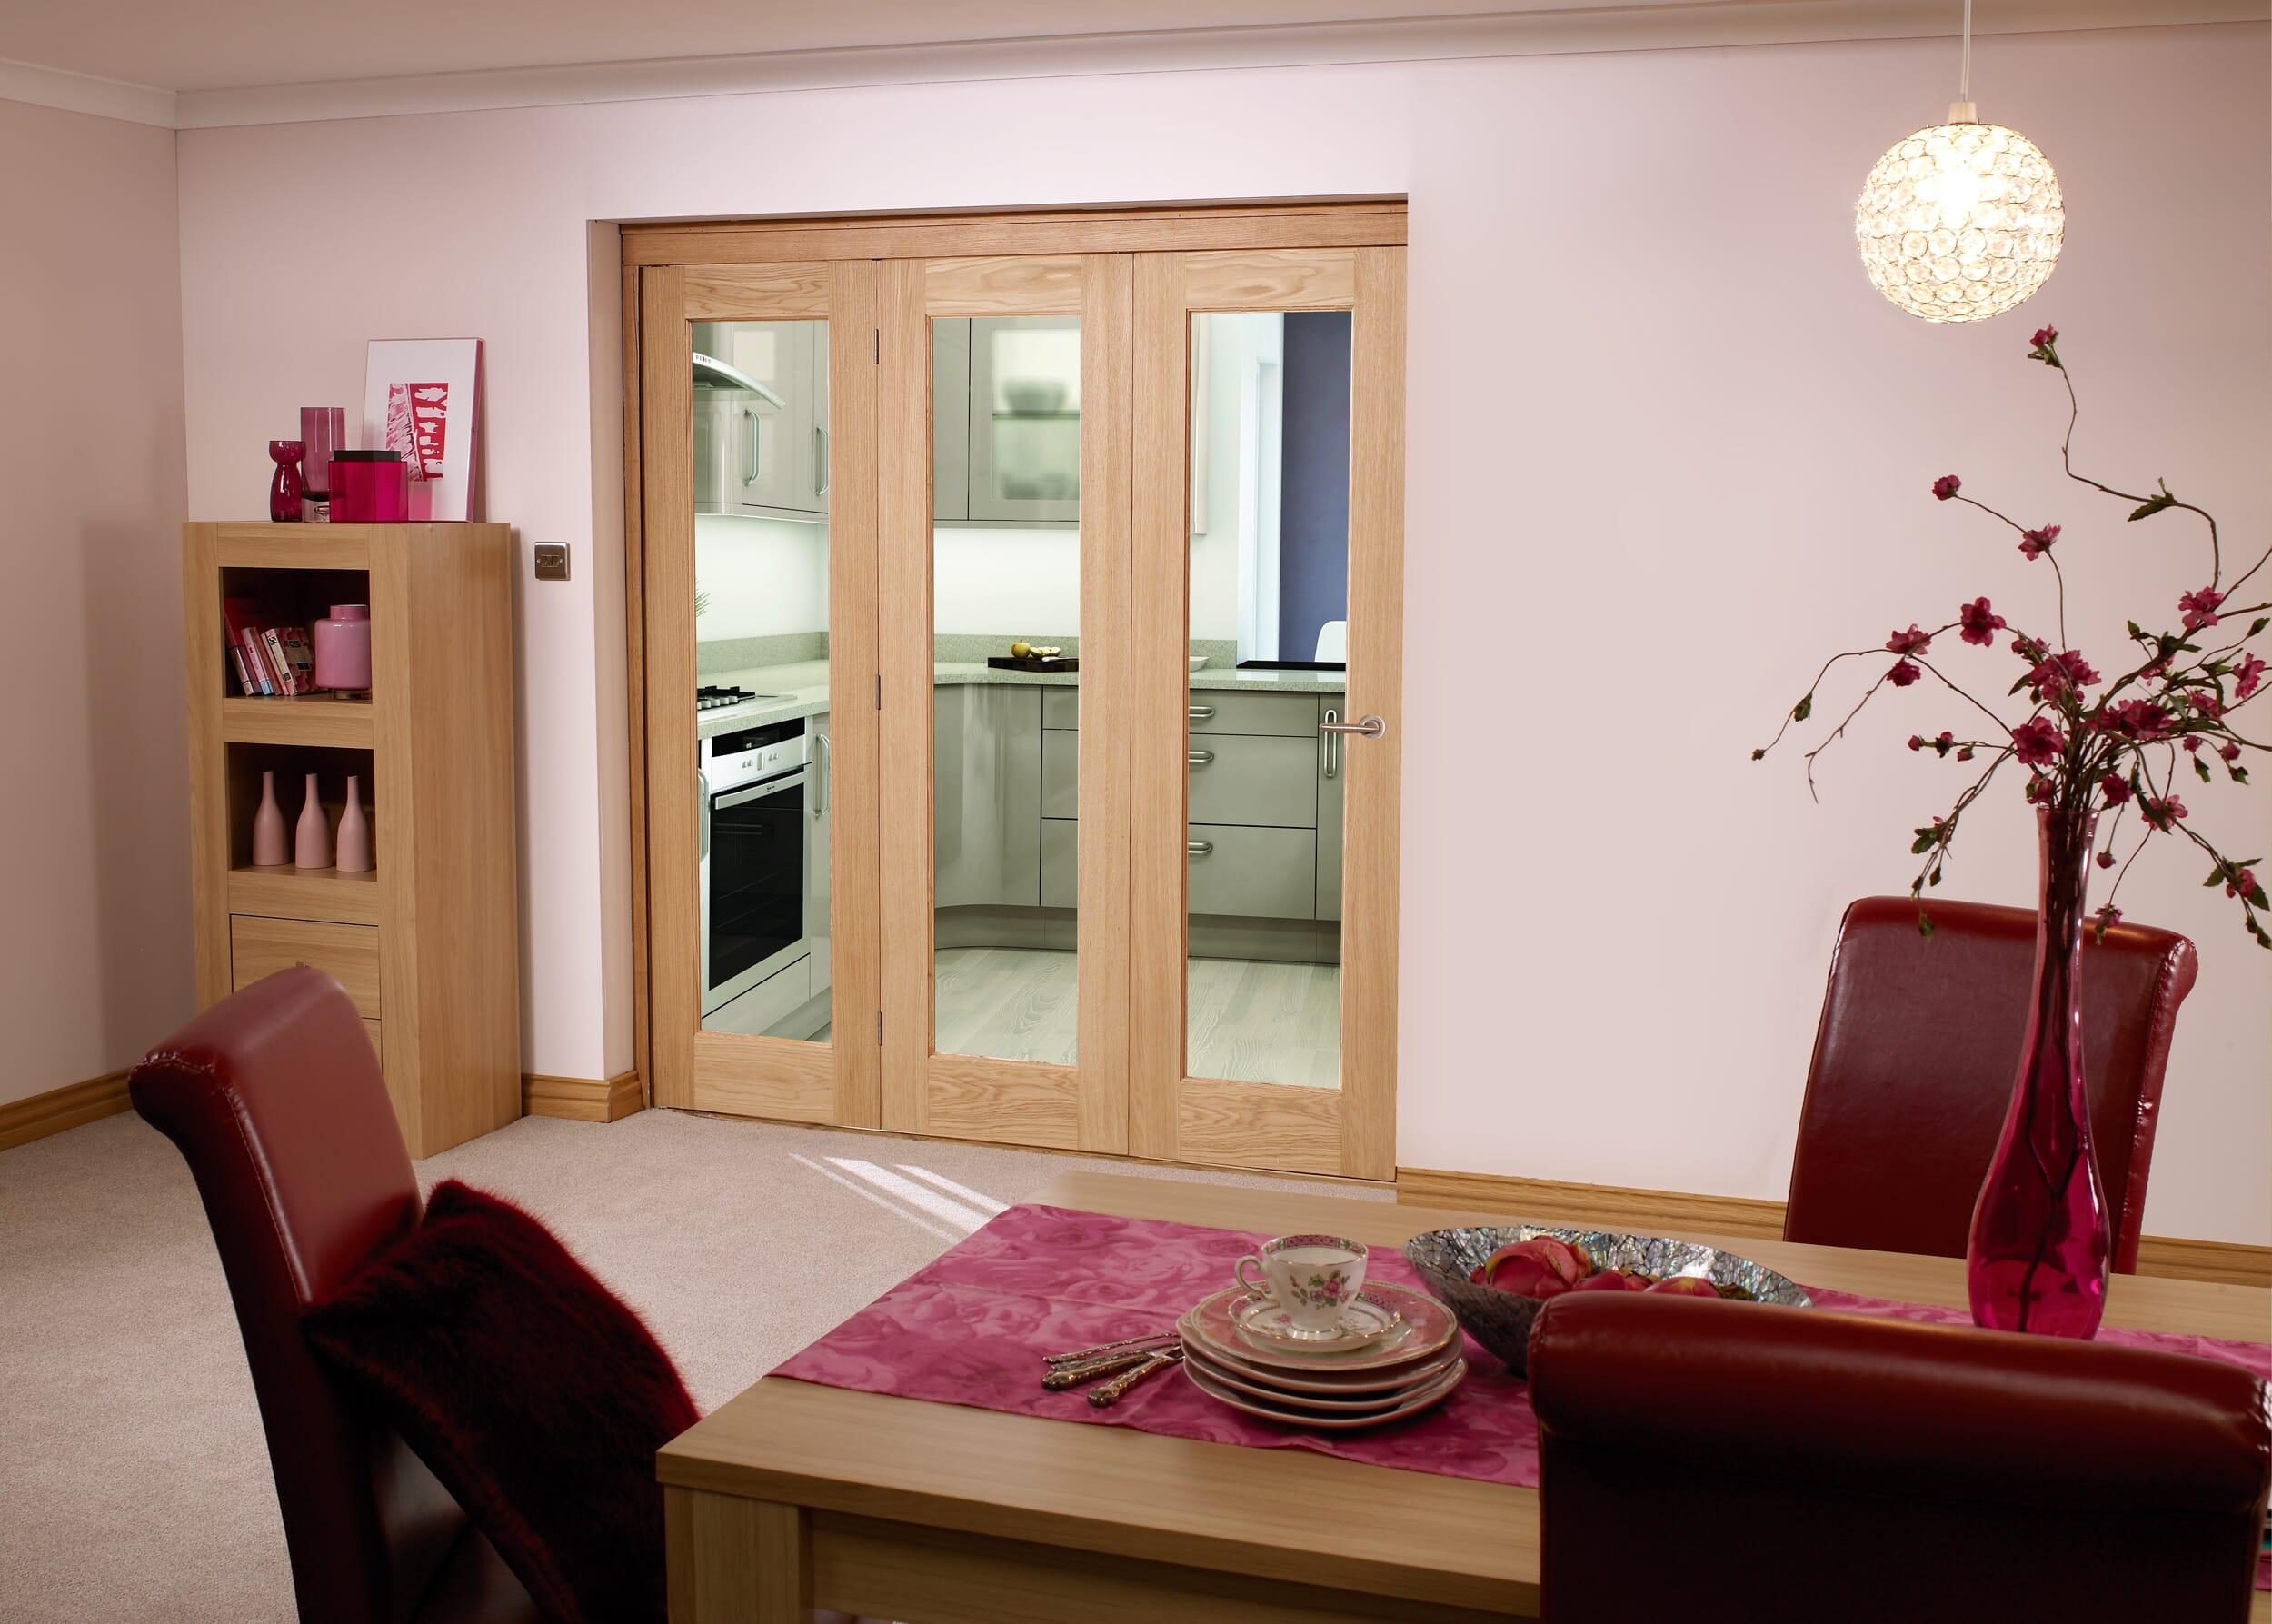 Glazed Oak Pattern 10 Roomfold - Unfinished Image